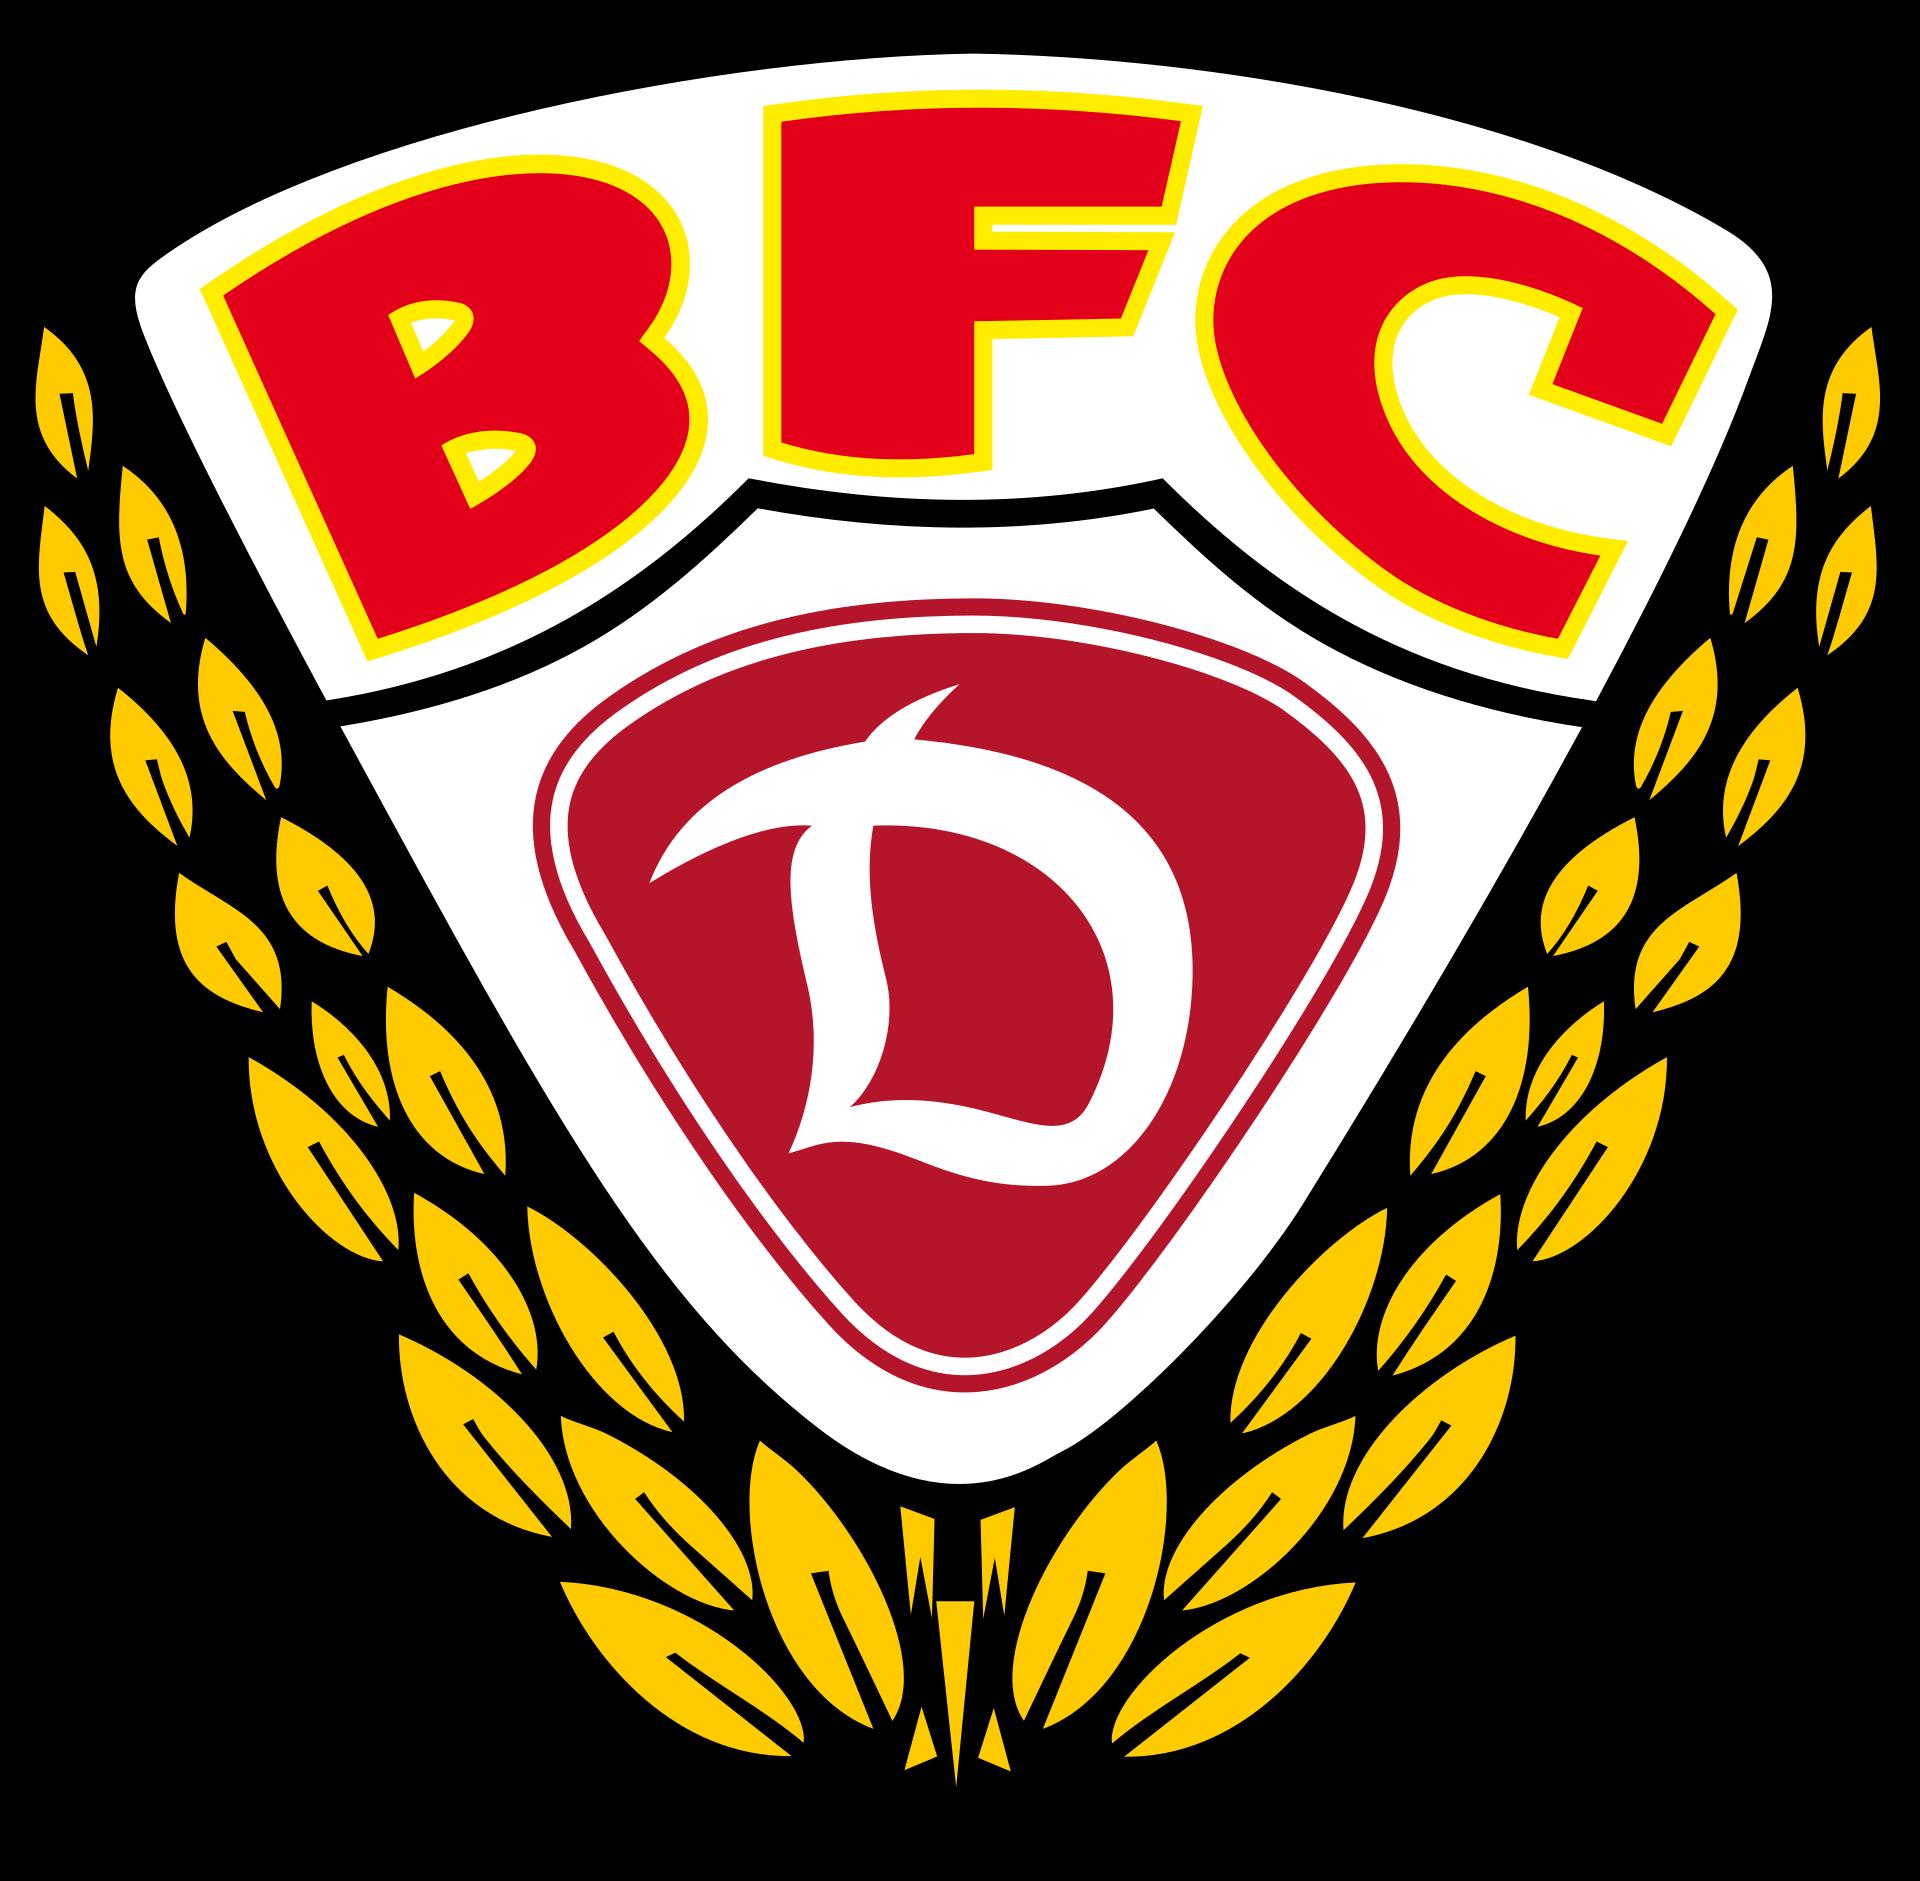 Das Logo Des Bfc Dynamo Entsprach Weitestgehend Auch Dem Abzeichen Abzeichen Fussball Dynamo